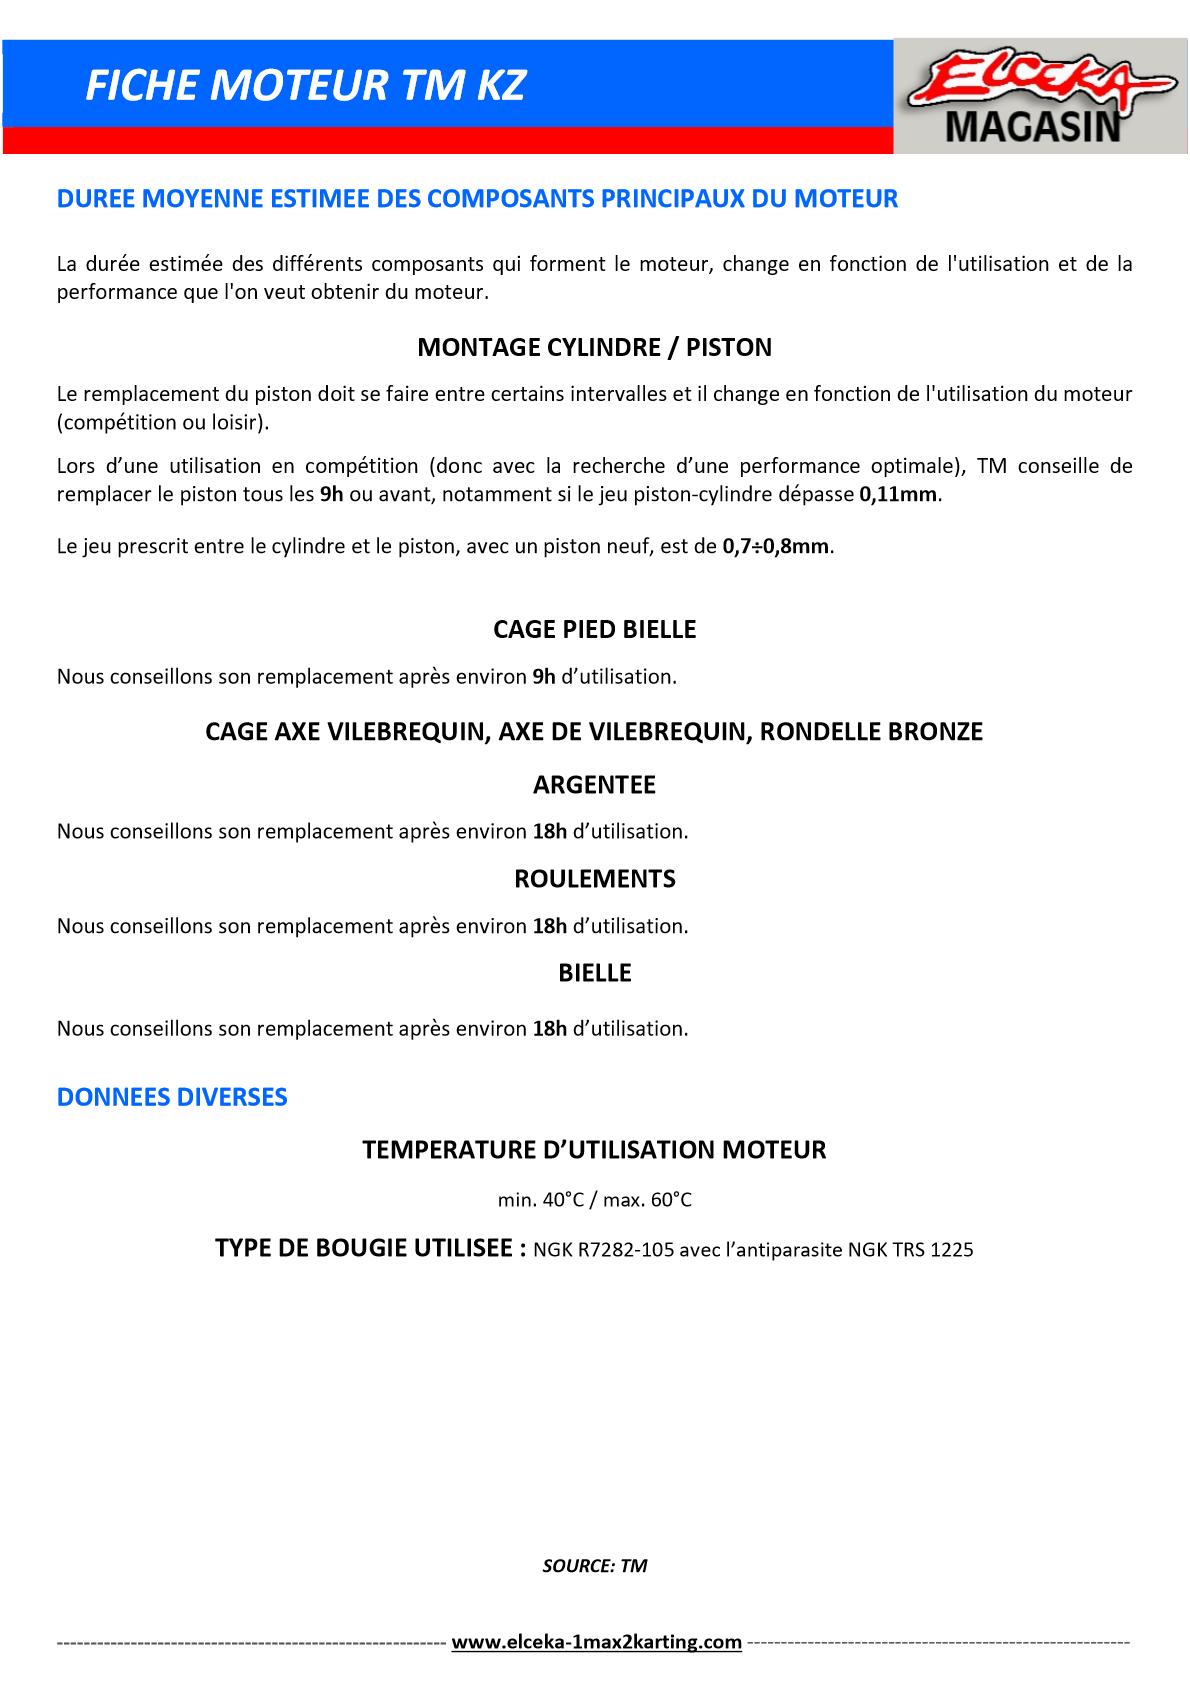 FICHE MOTEUR TM KZ PAGE 2 SUR 2